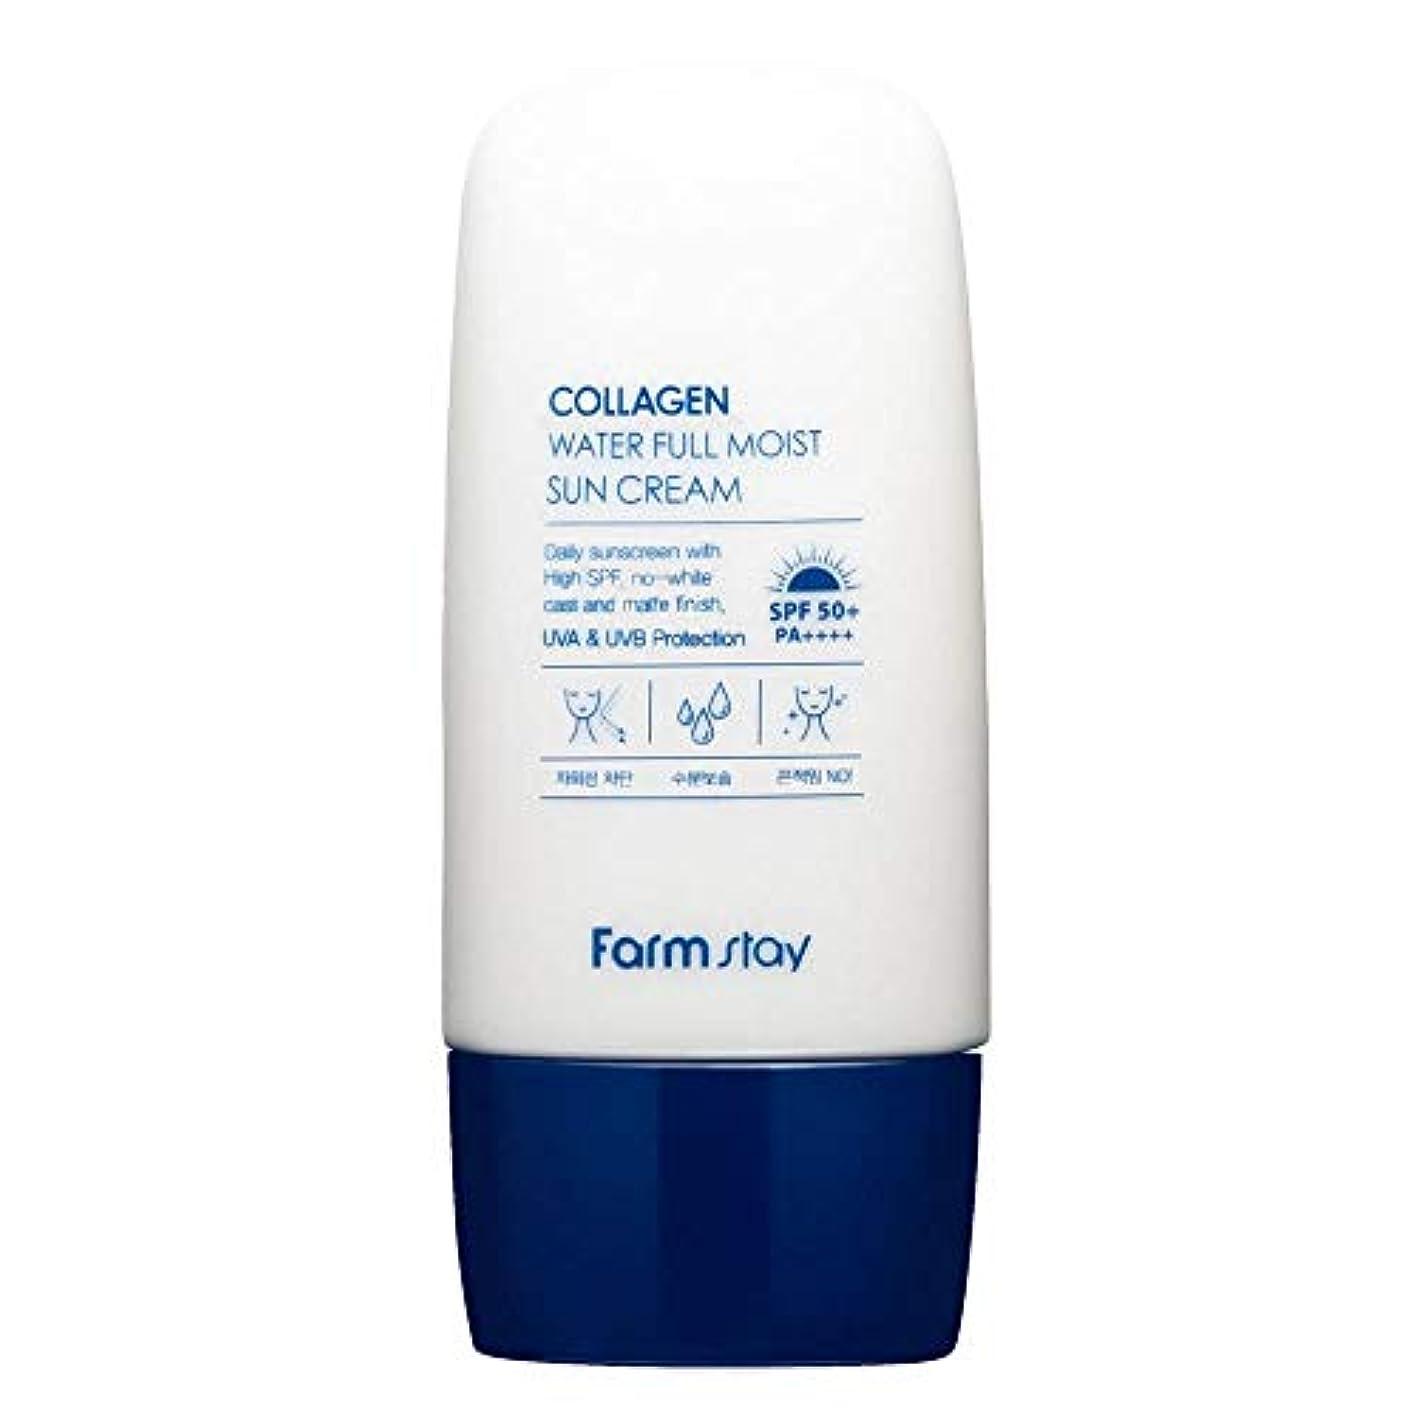 危険なラッチボスファームステイ[Farm Stay] コラーゲンウォーターフルモイストサンクリーム45g / Collagen Water Full Moist Sun Cream